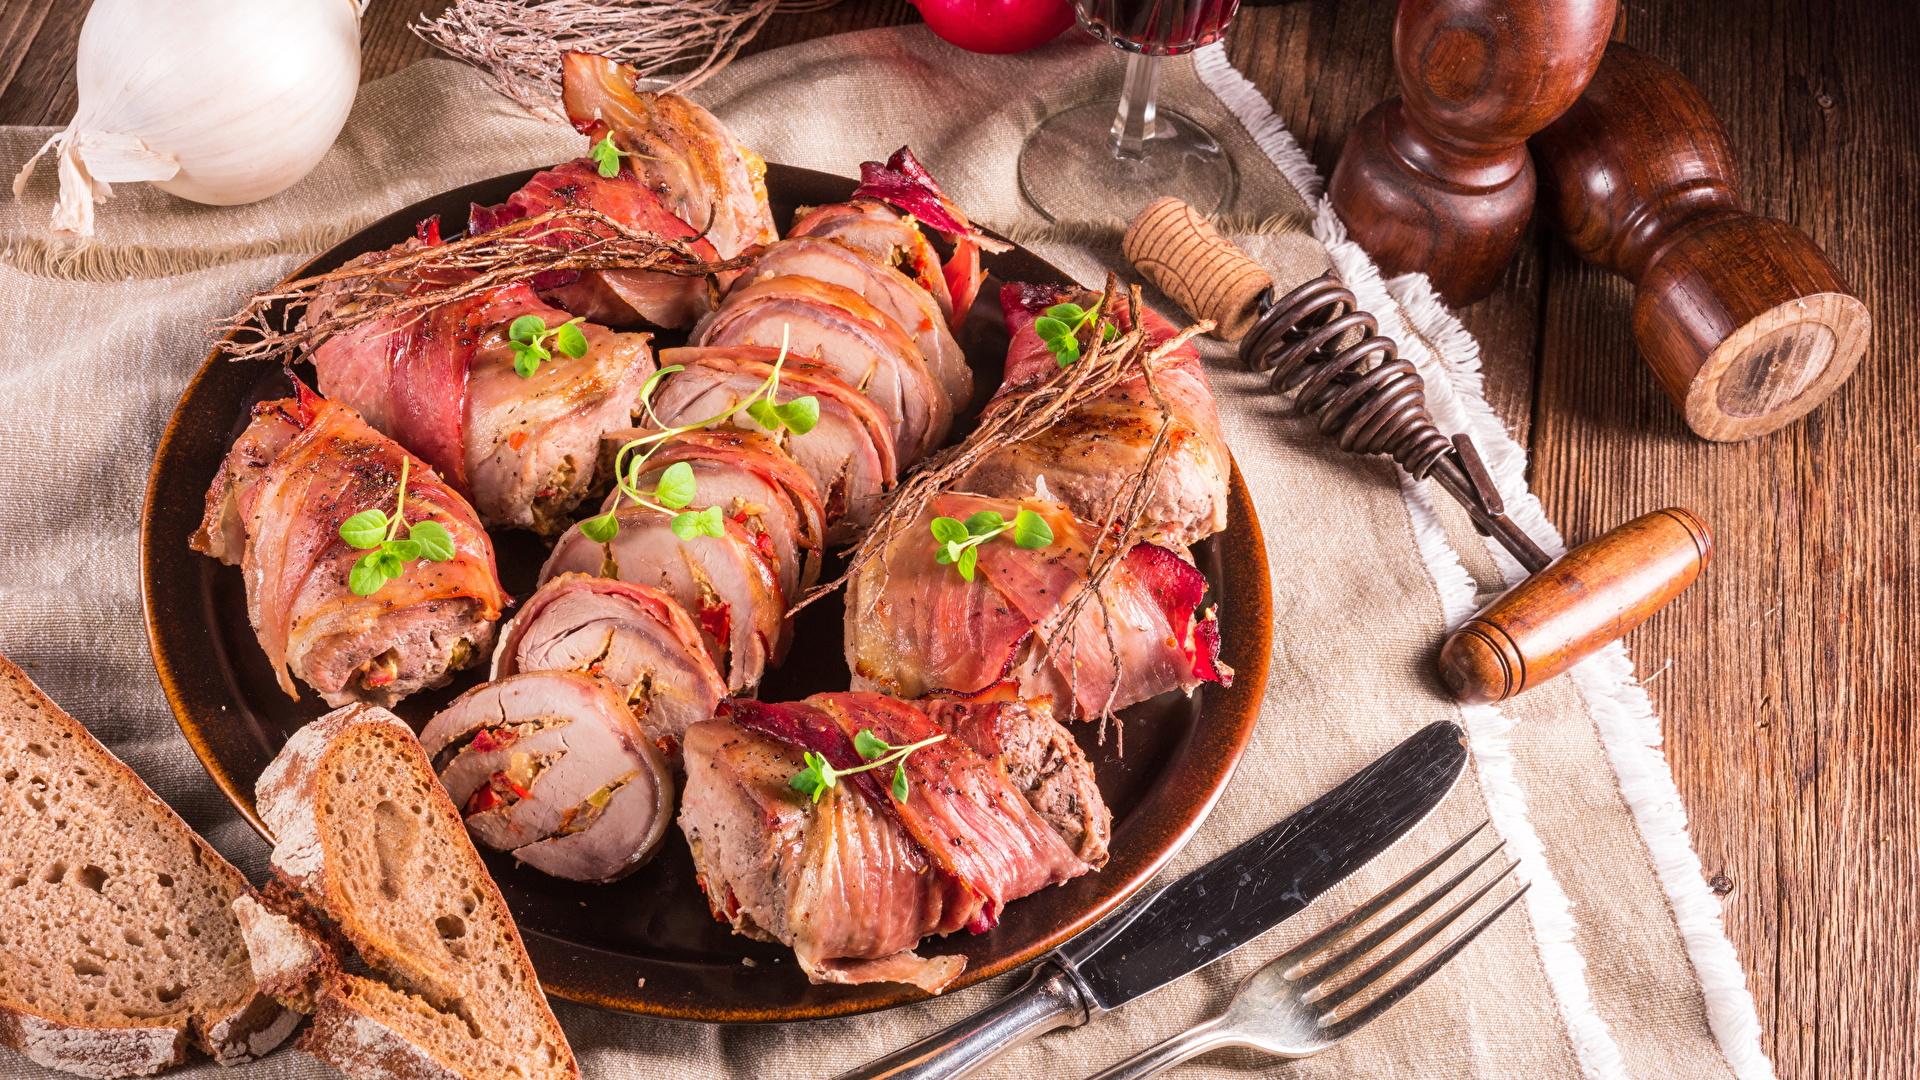 Фотографии Нож Хлеб Пища нарезка тарелке Вилка столовая Мясные продукты 1920x1080 ножик Еда вилки Тарелка Продукты питания Нарезанные продукты